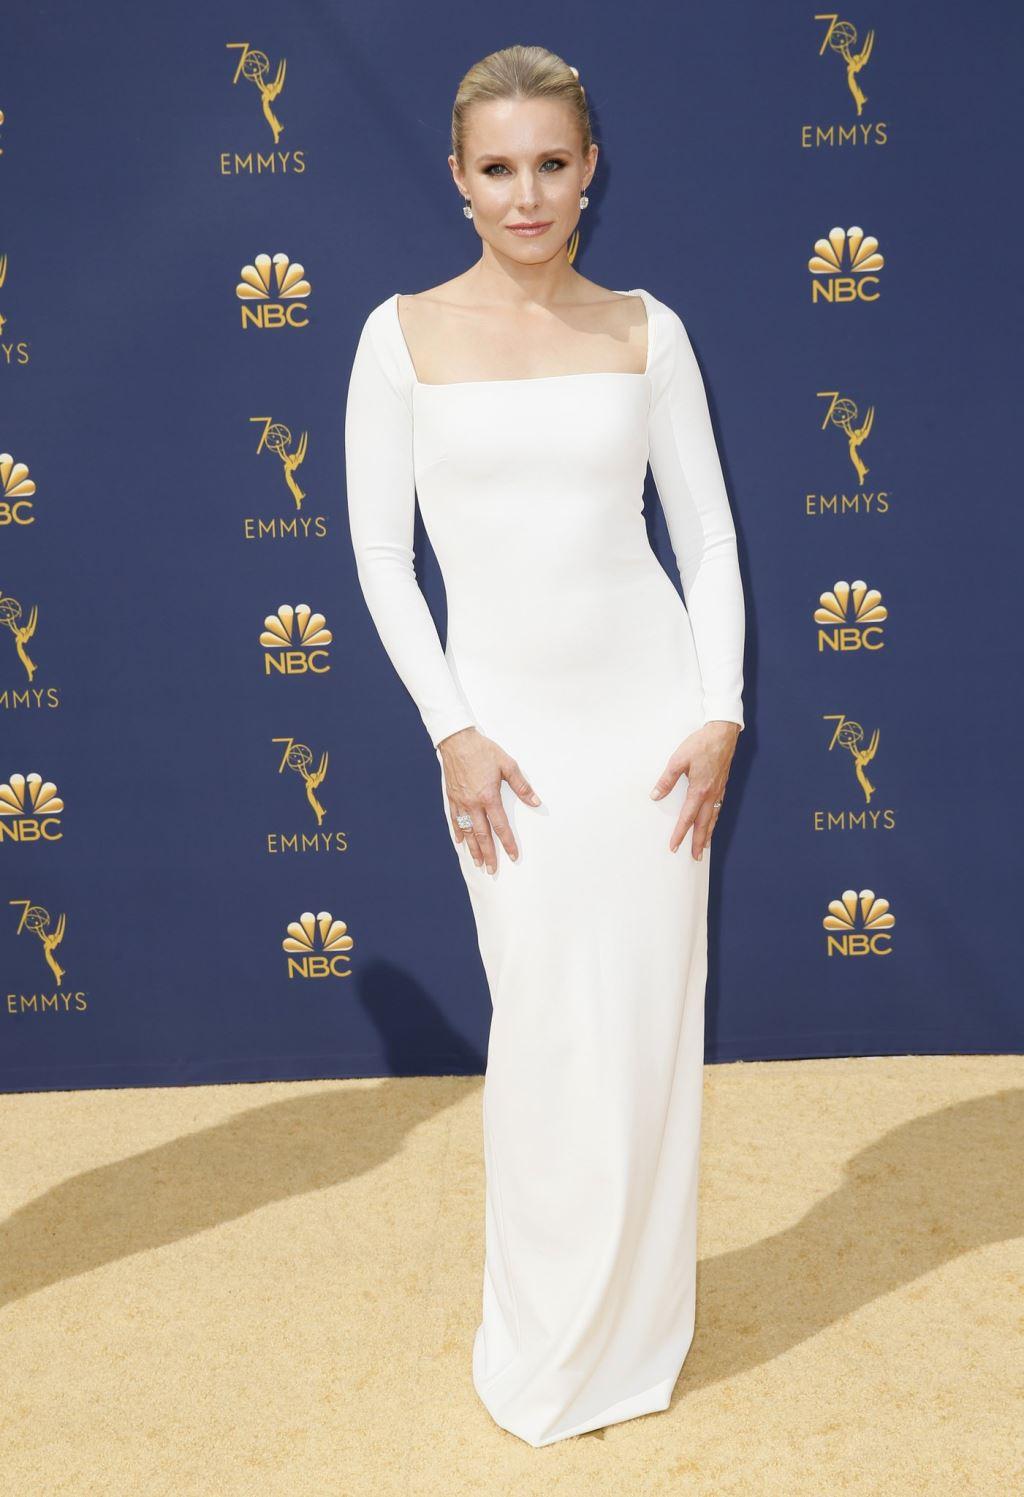 電視艾美獎17日在美國加州洛杉磯登場,女星克莉絲汀貝爾穿著白色禮服踩上金毯。(圖取自電視艾美獎推特twitter.com/televisionacad)